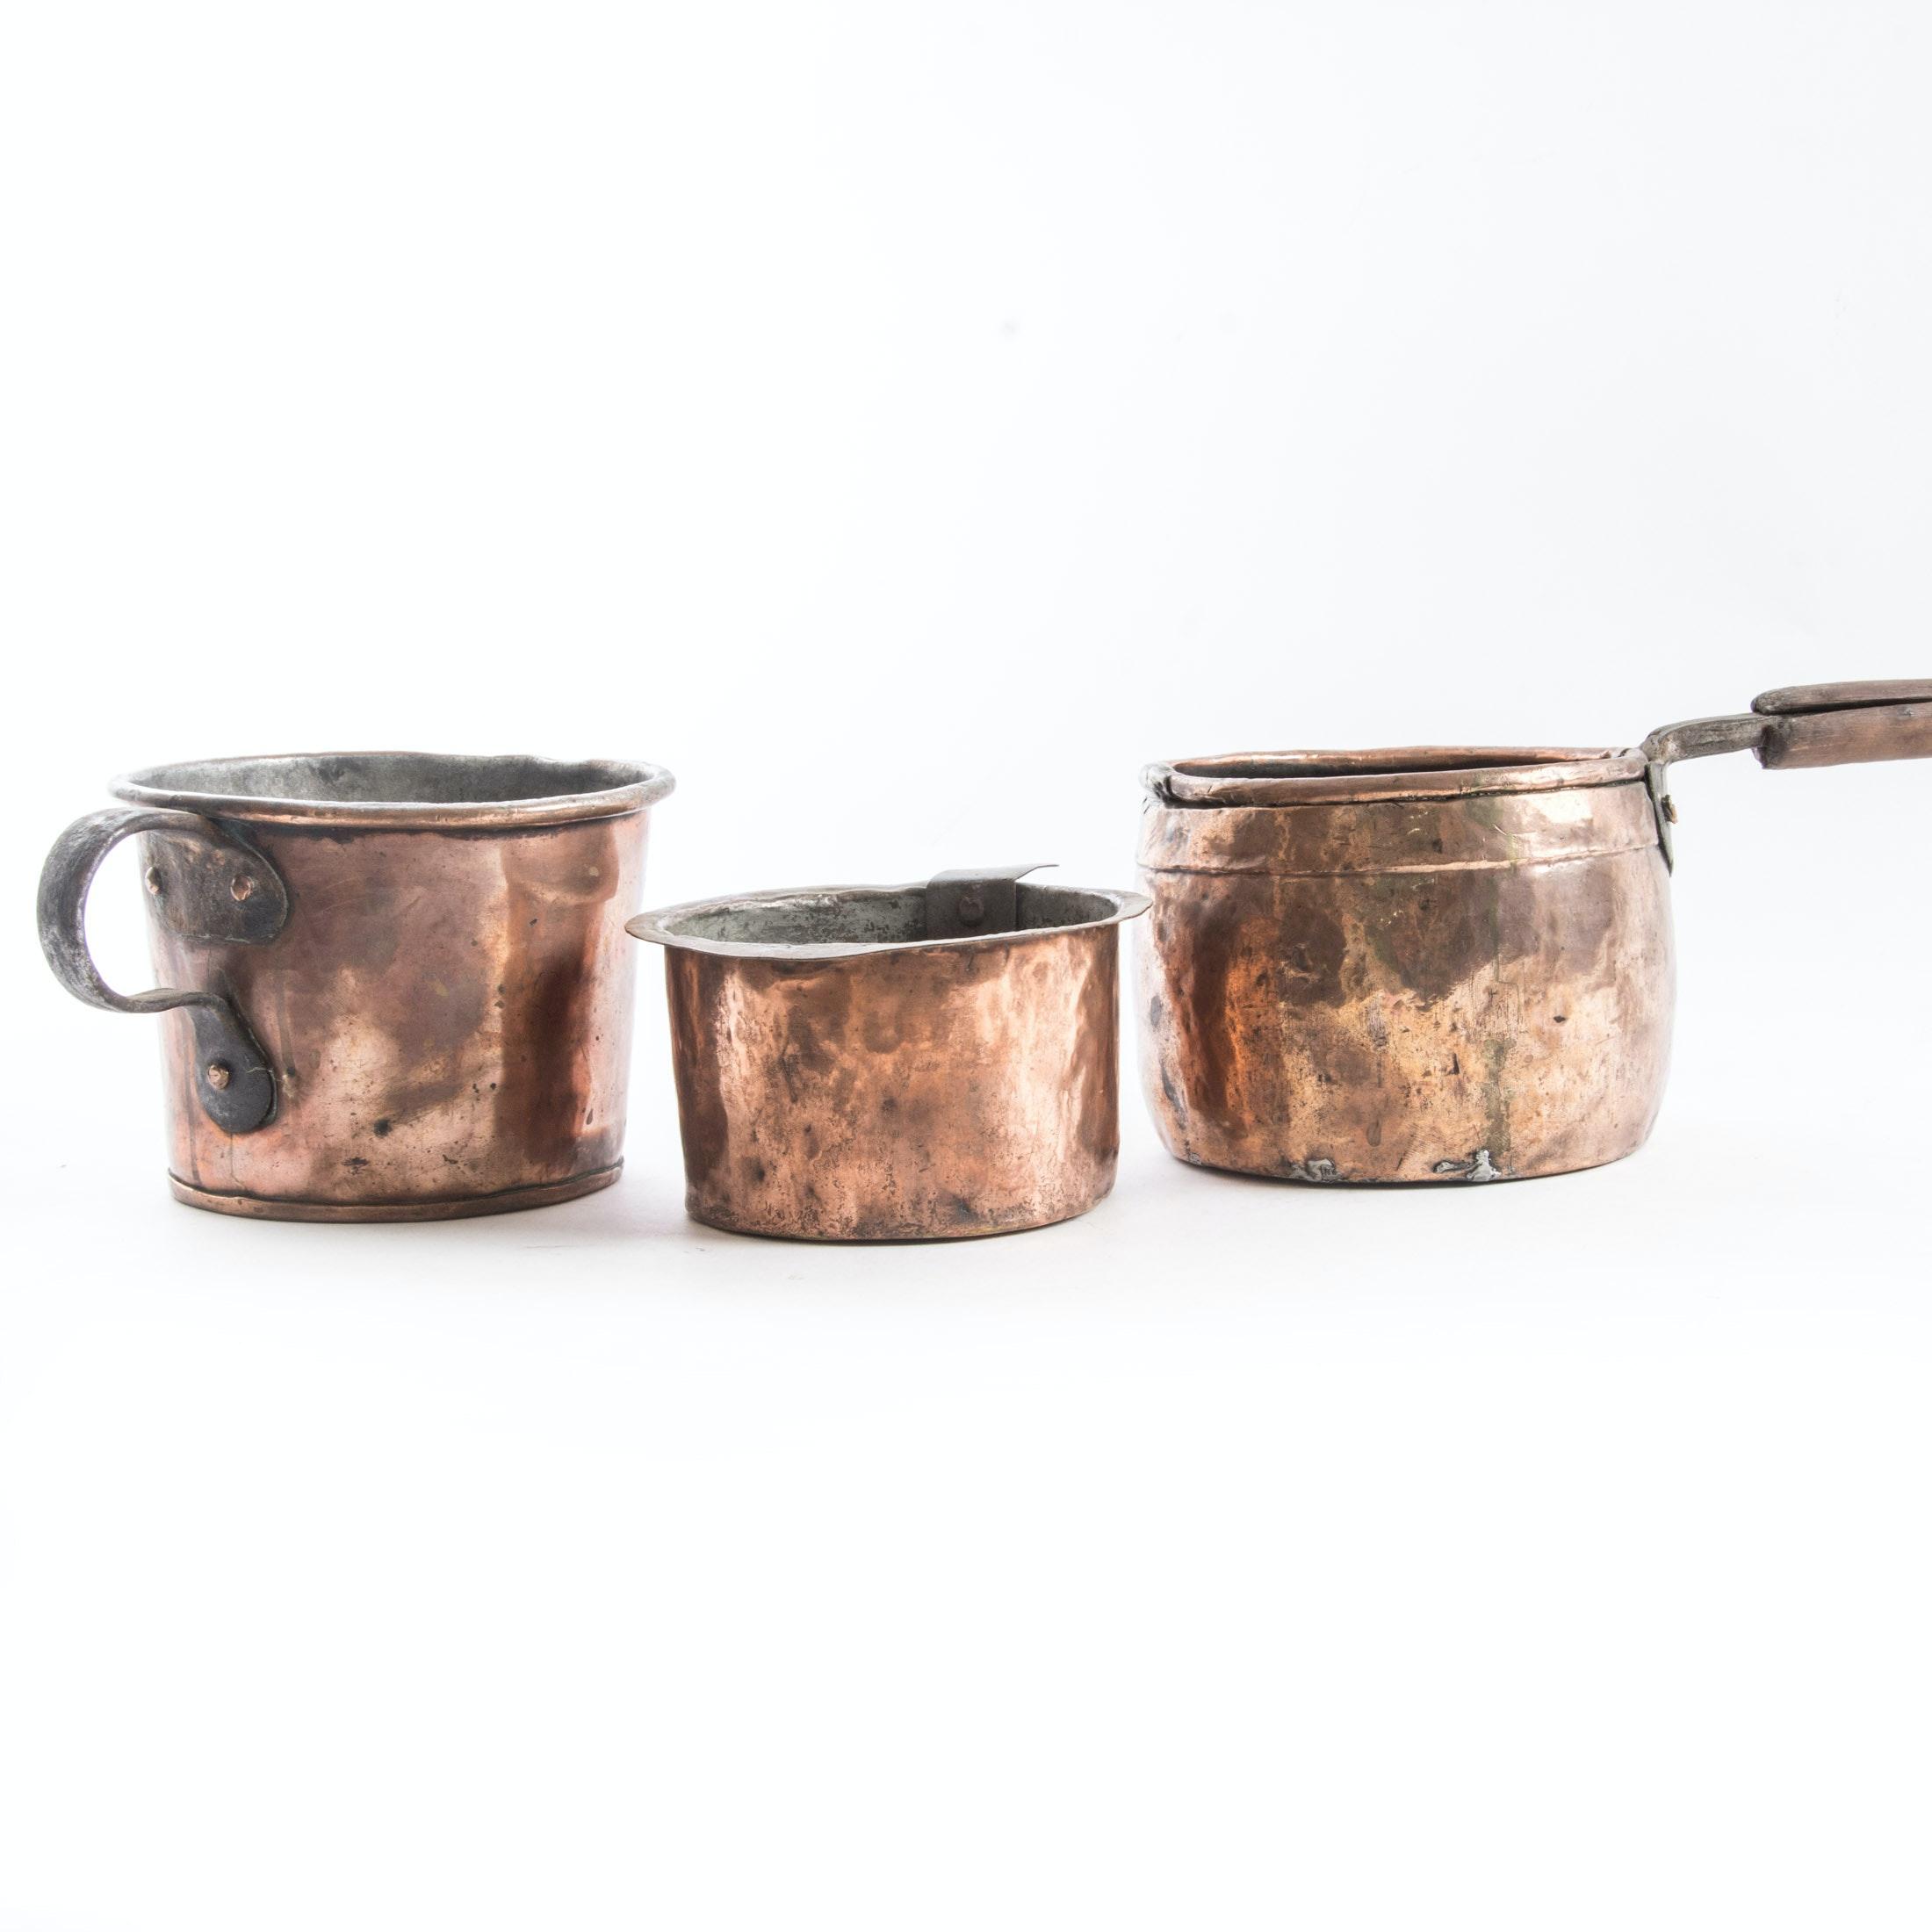 Three Copper Pots